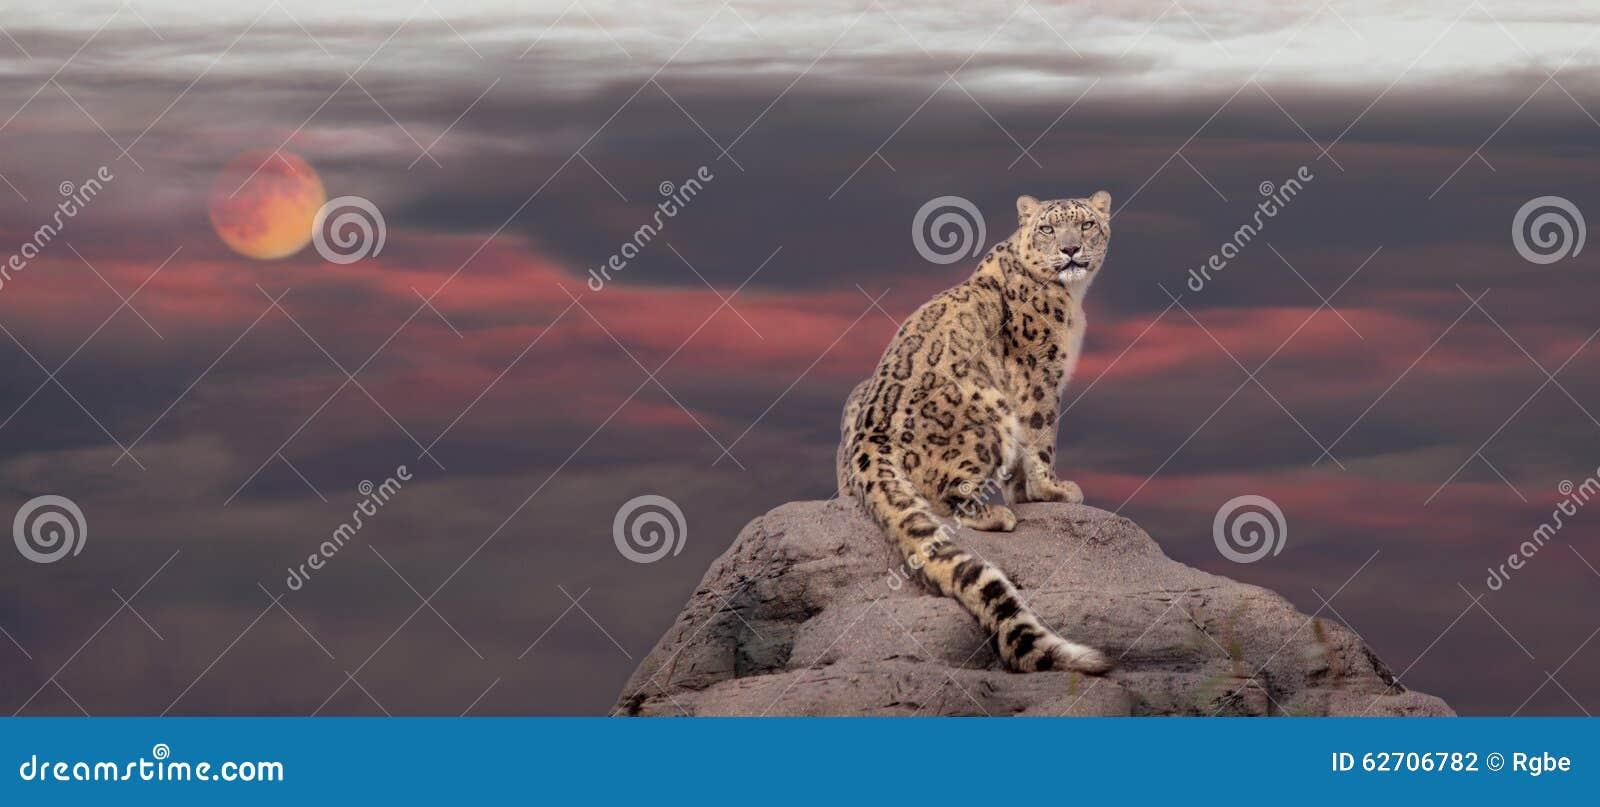 Snow leopard in moon light